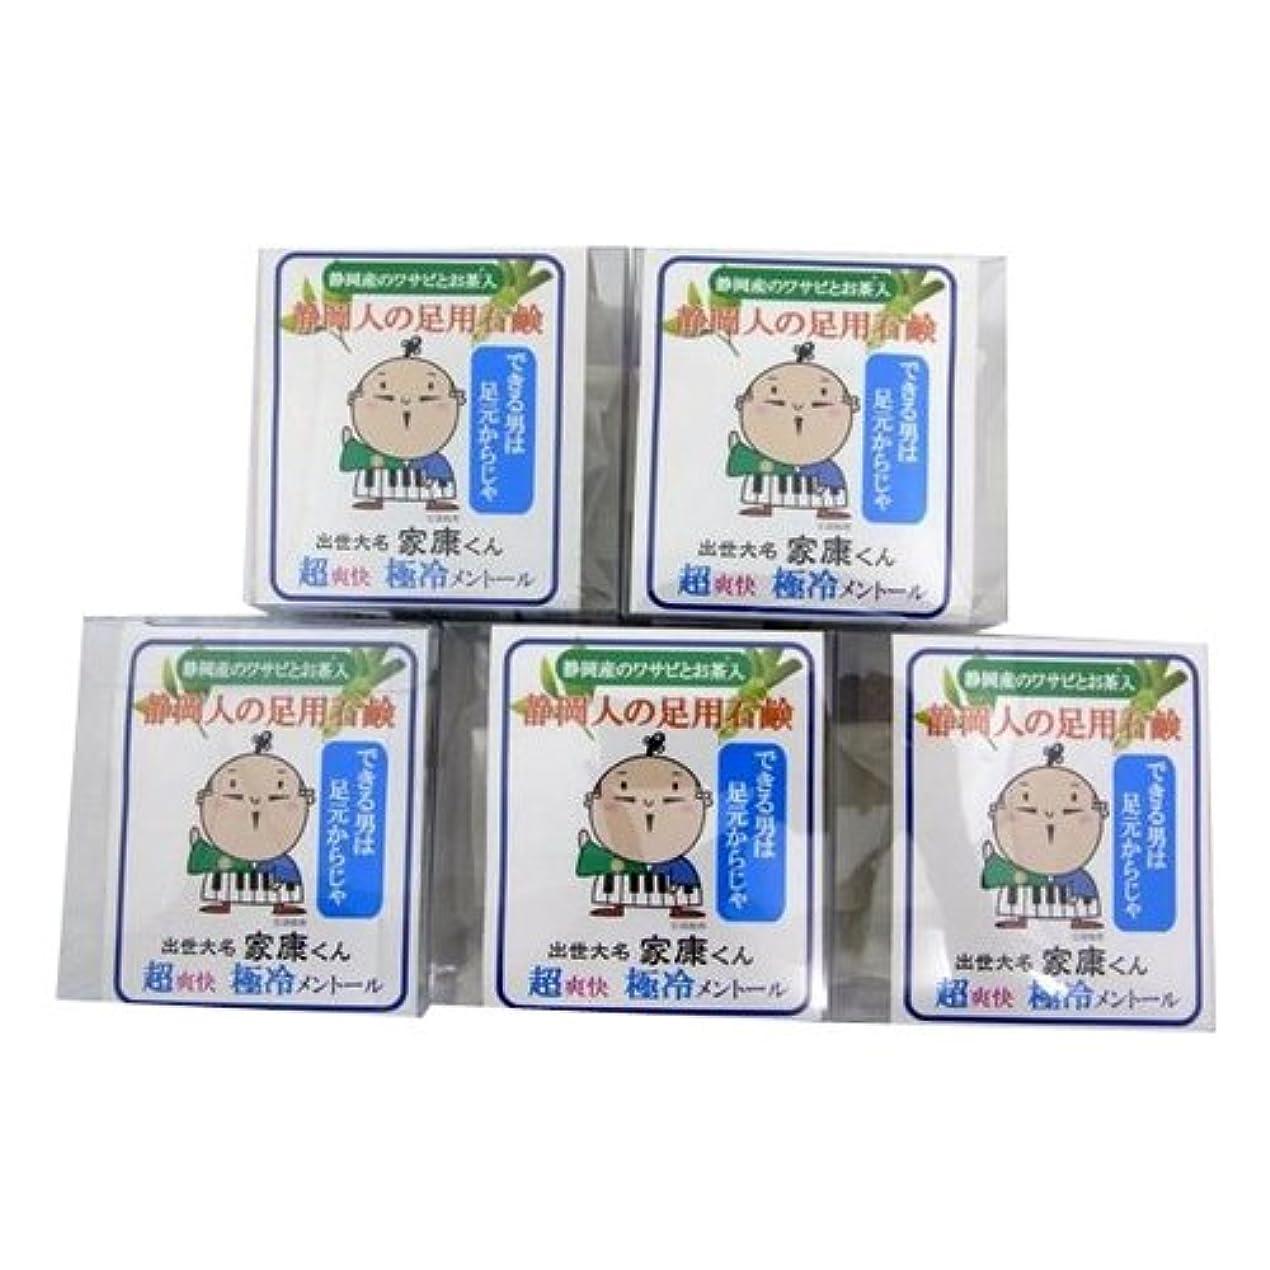 容赦ない努力市町村エコライフラボ 静岡人の足用石鹸60g (ネット付) 5個セット